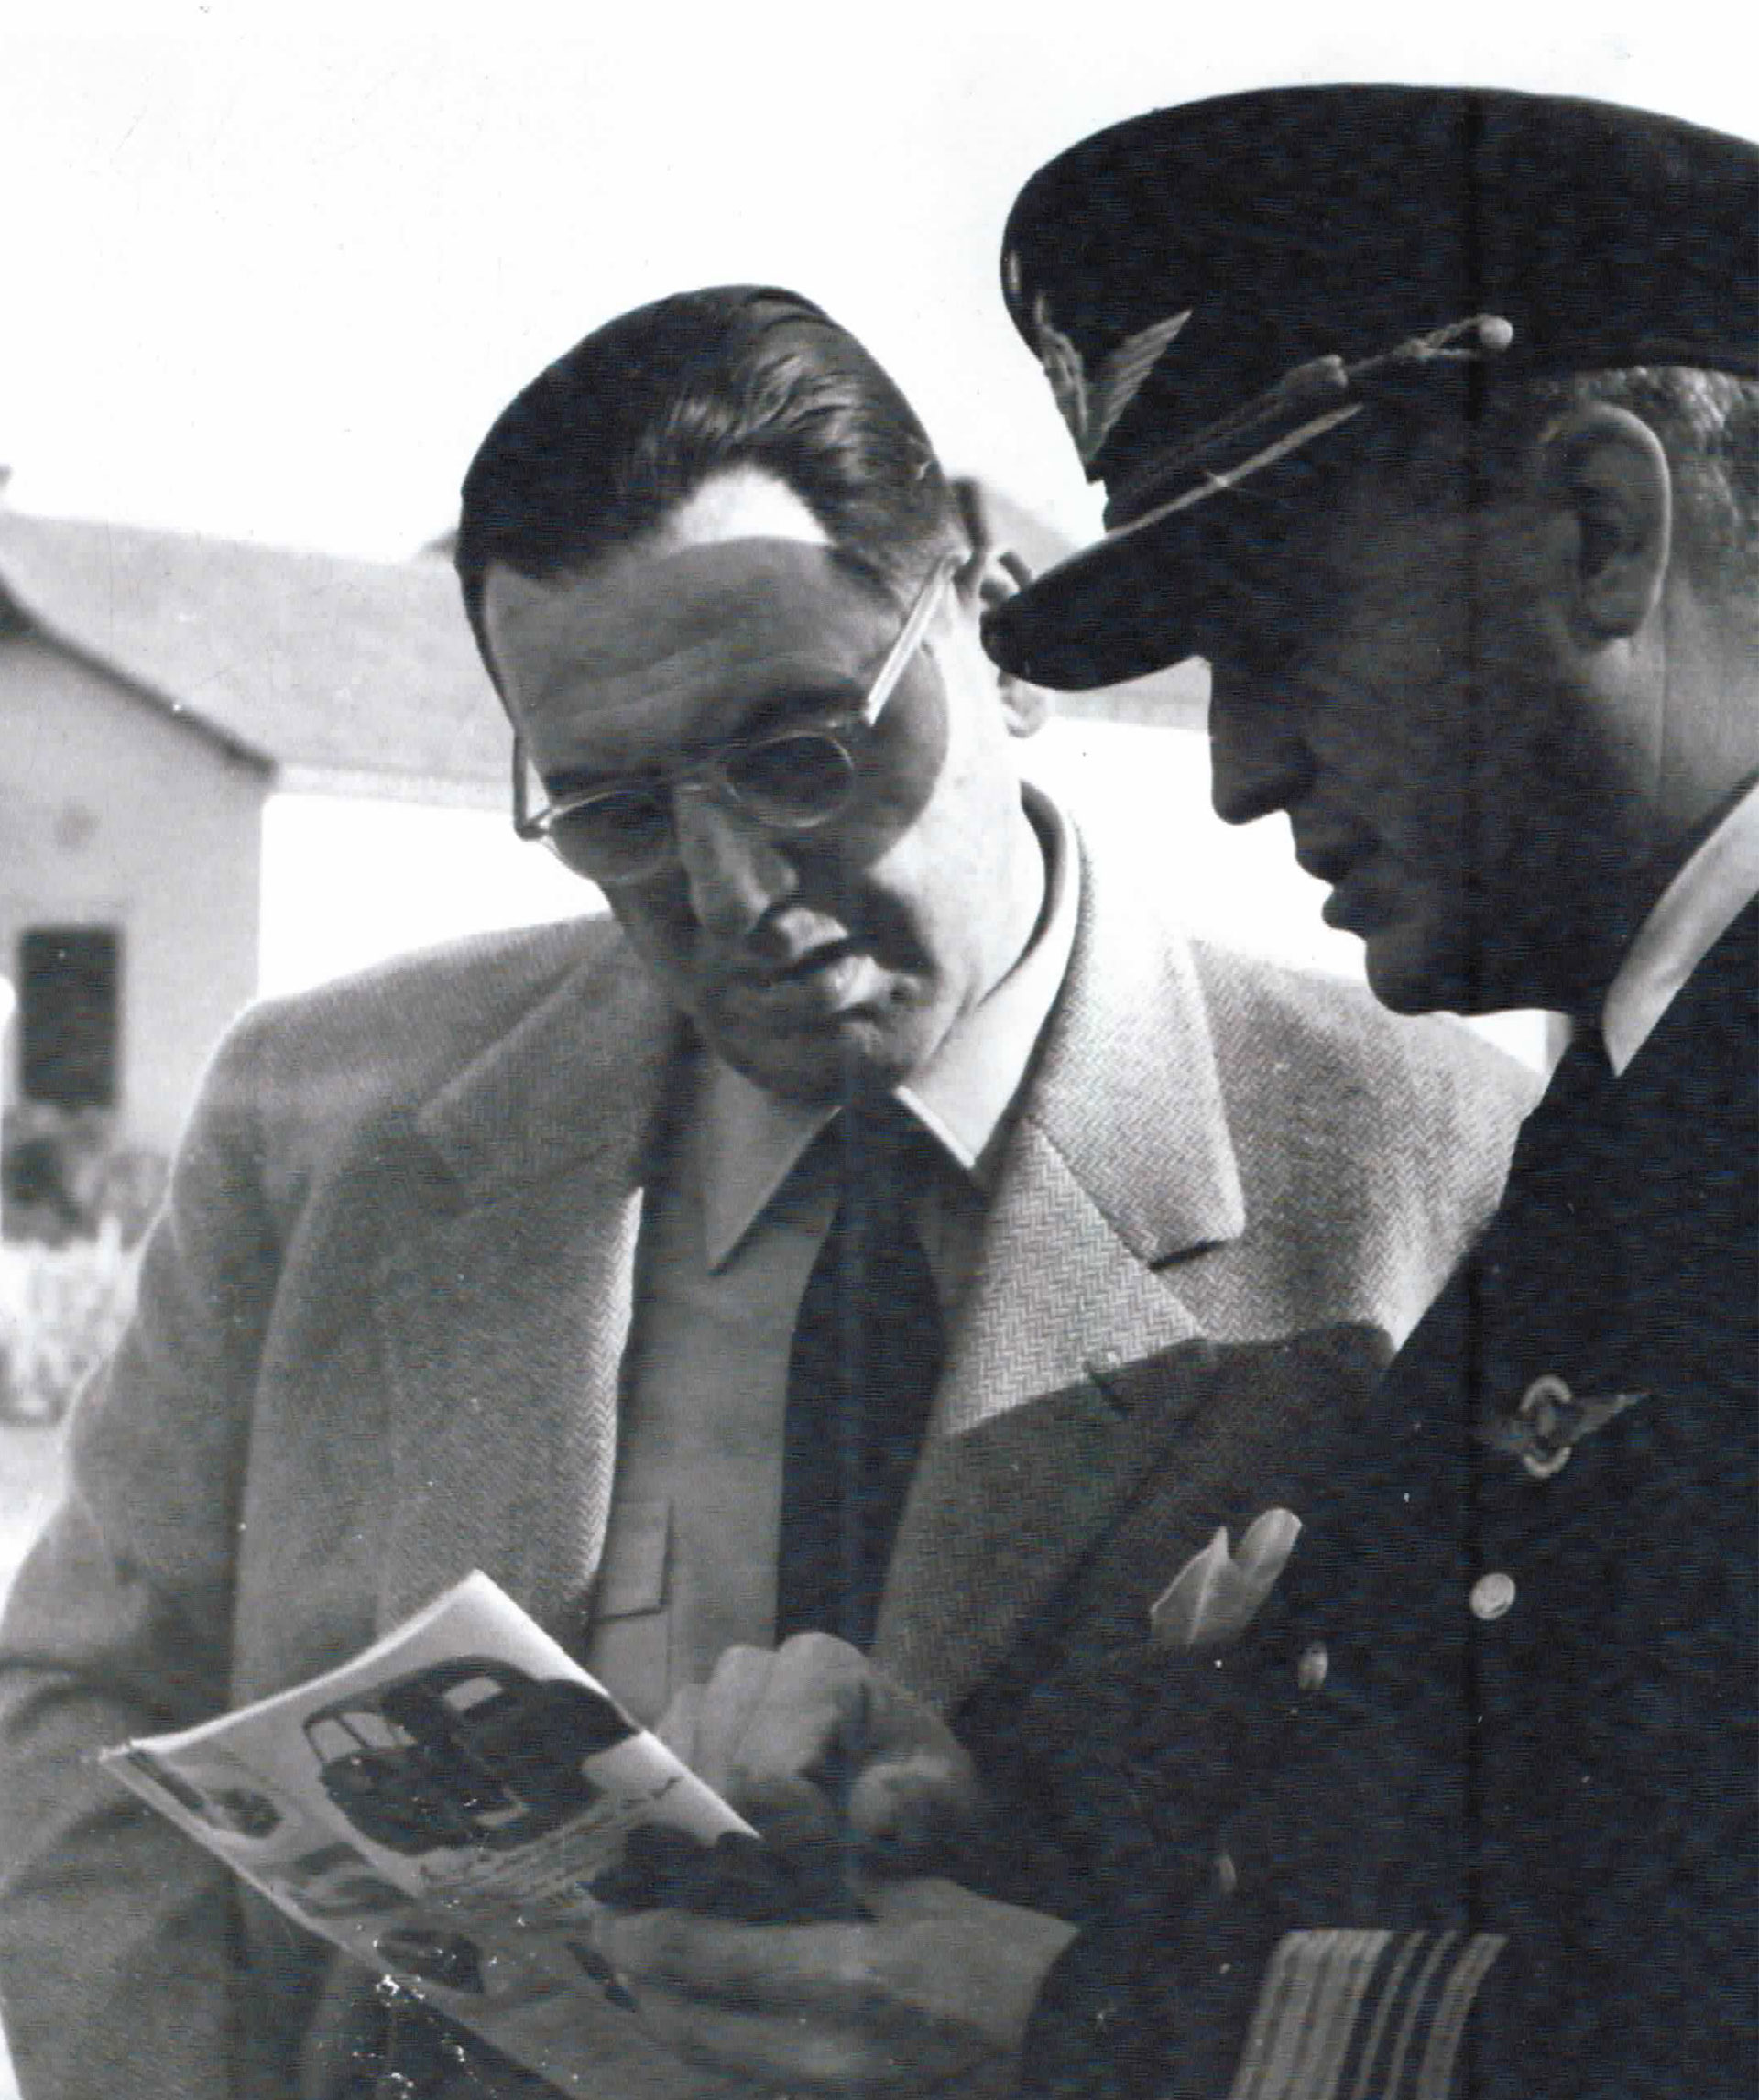 Otras son testimonio de momentos menos protocolares de esa misma gestión, como ésta, en la que mira una revista y conversa con un brigadier de la Fuerza Aérea